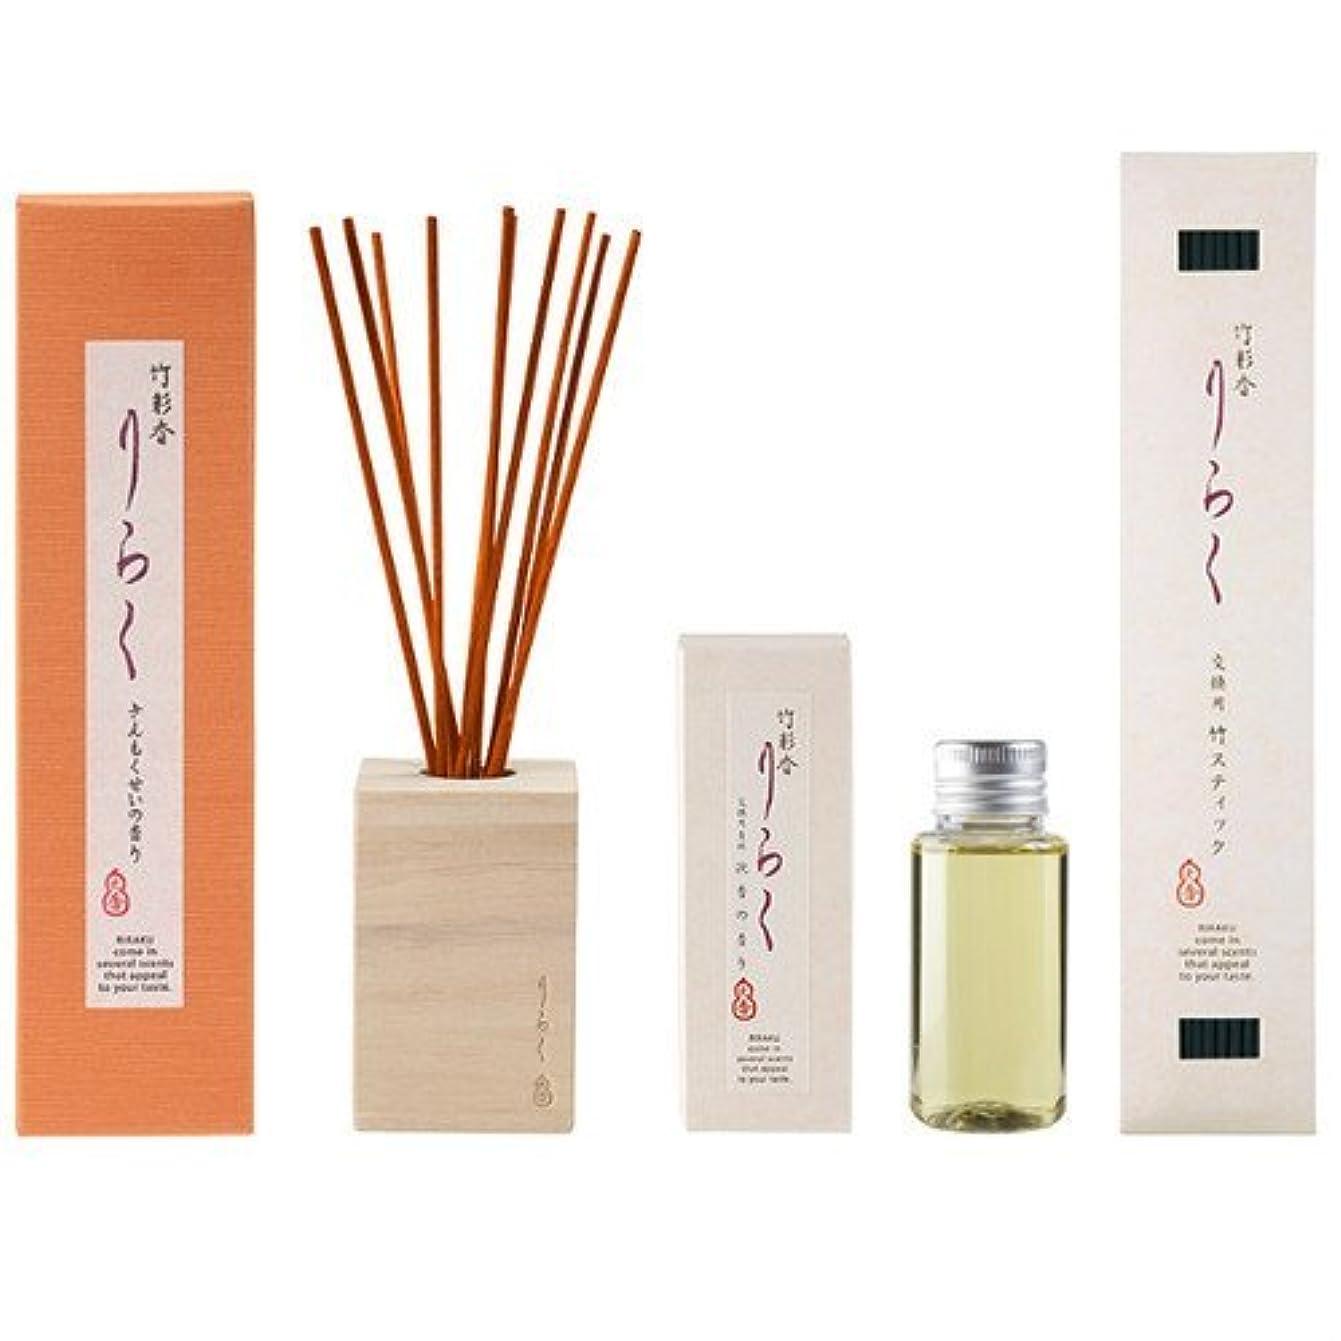 エキスパート教師の日隠大香 竹彩香 りらく きんもくせい 50ml と 交換用 きんもくせい、交換用竹スティック きんもくせいの色 セット